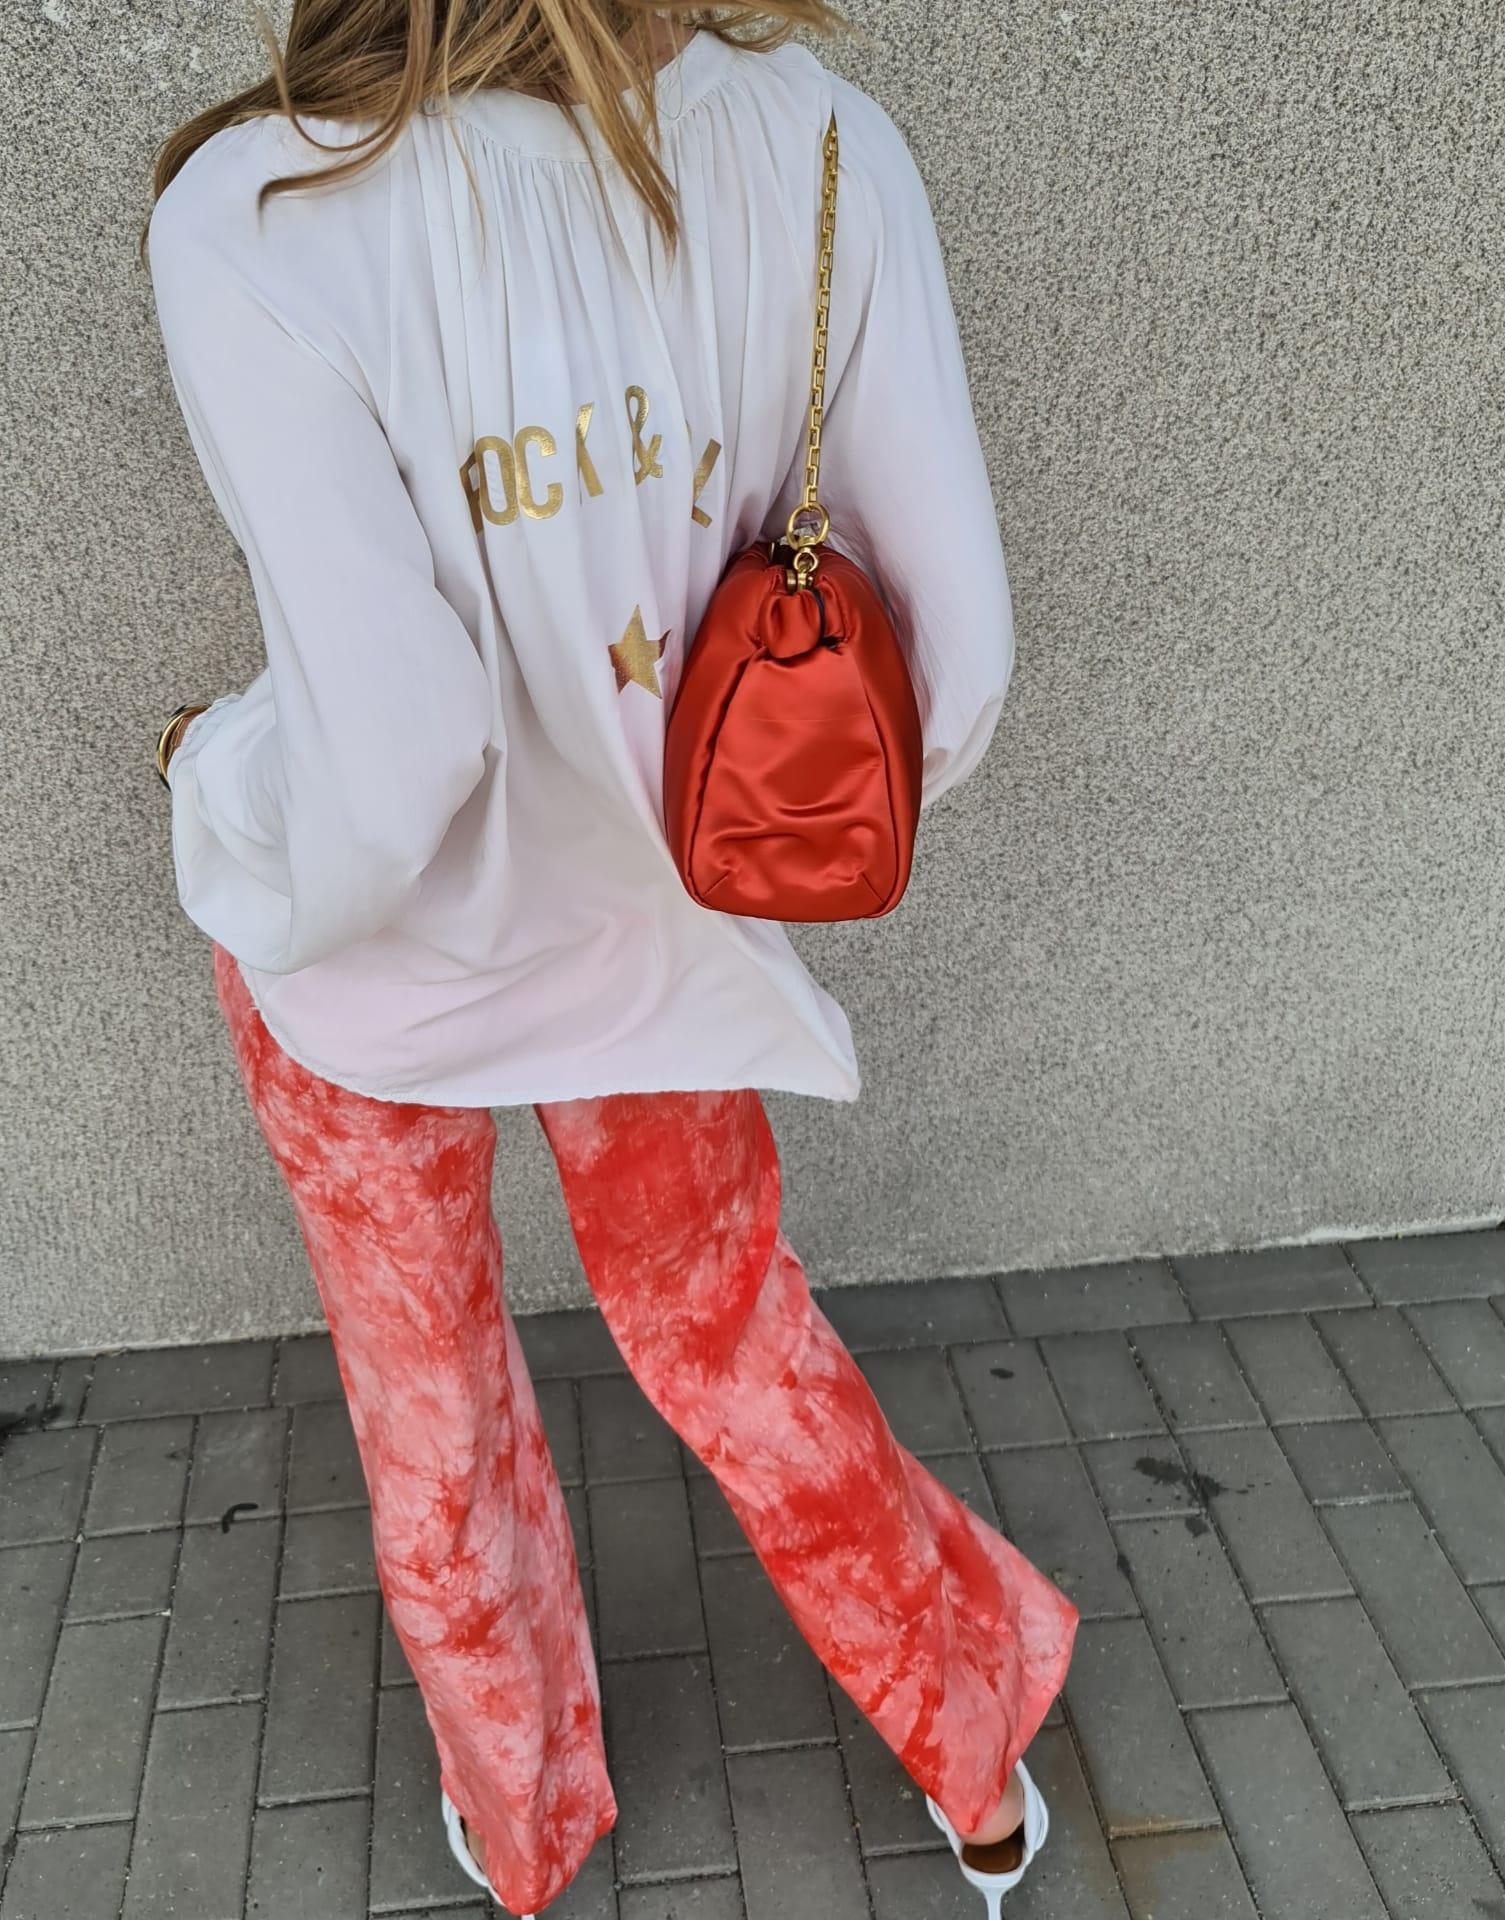 ROCK N'ROLL blouse-3